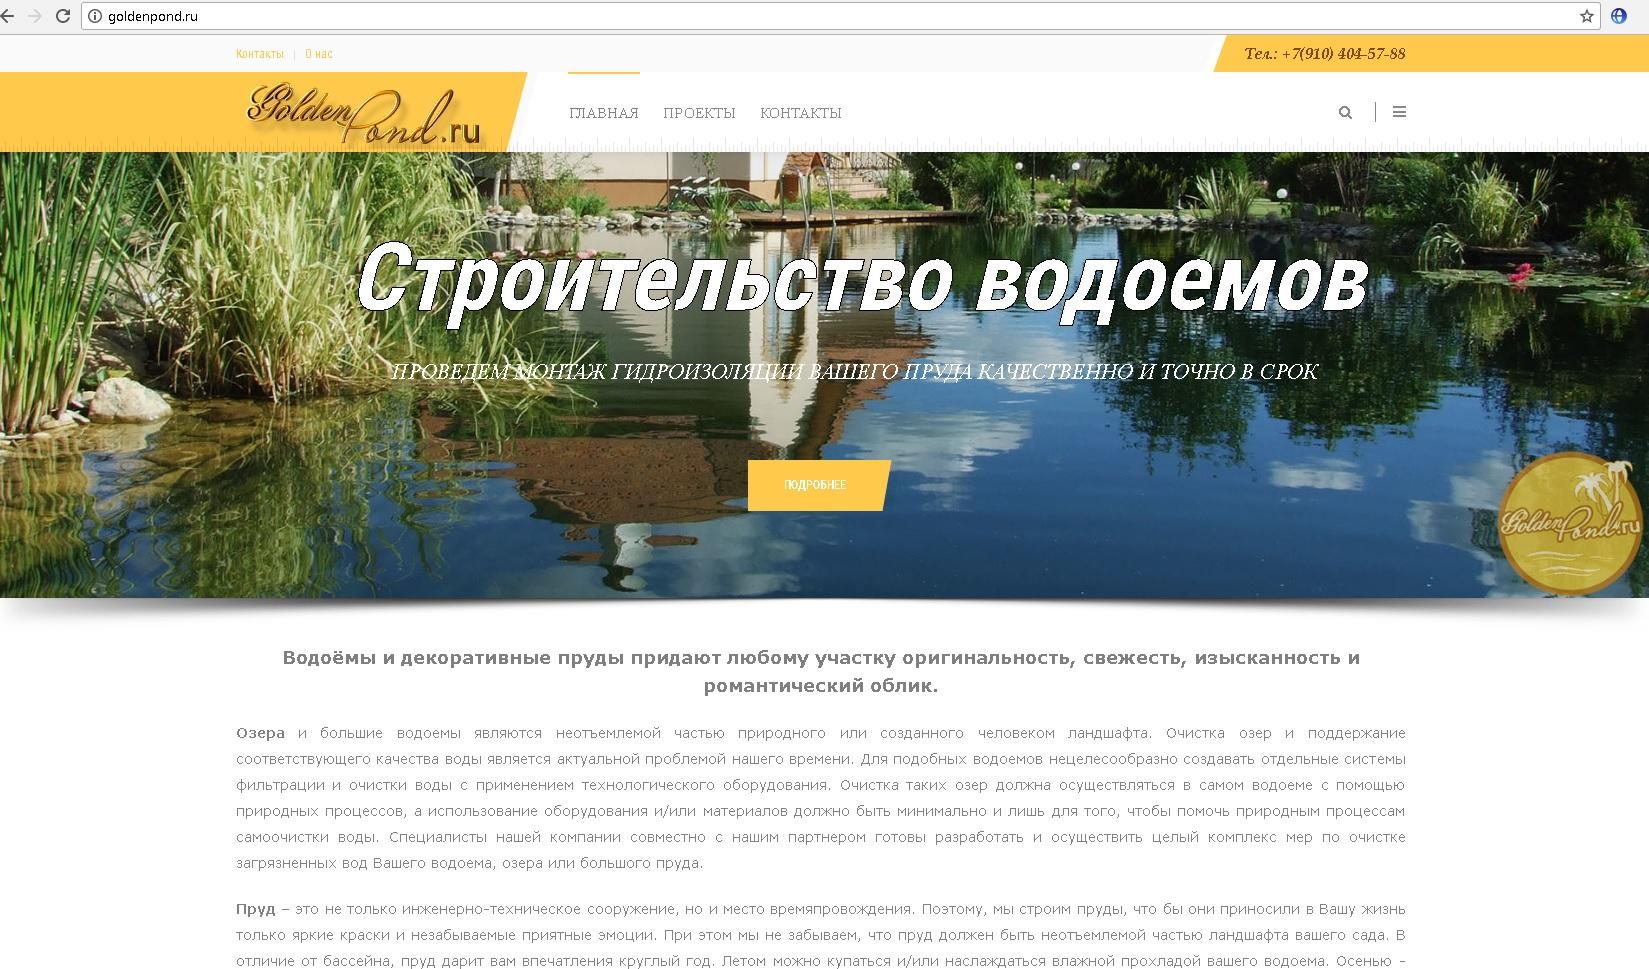 Goldenpond - водоёмы и декоративные пруды